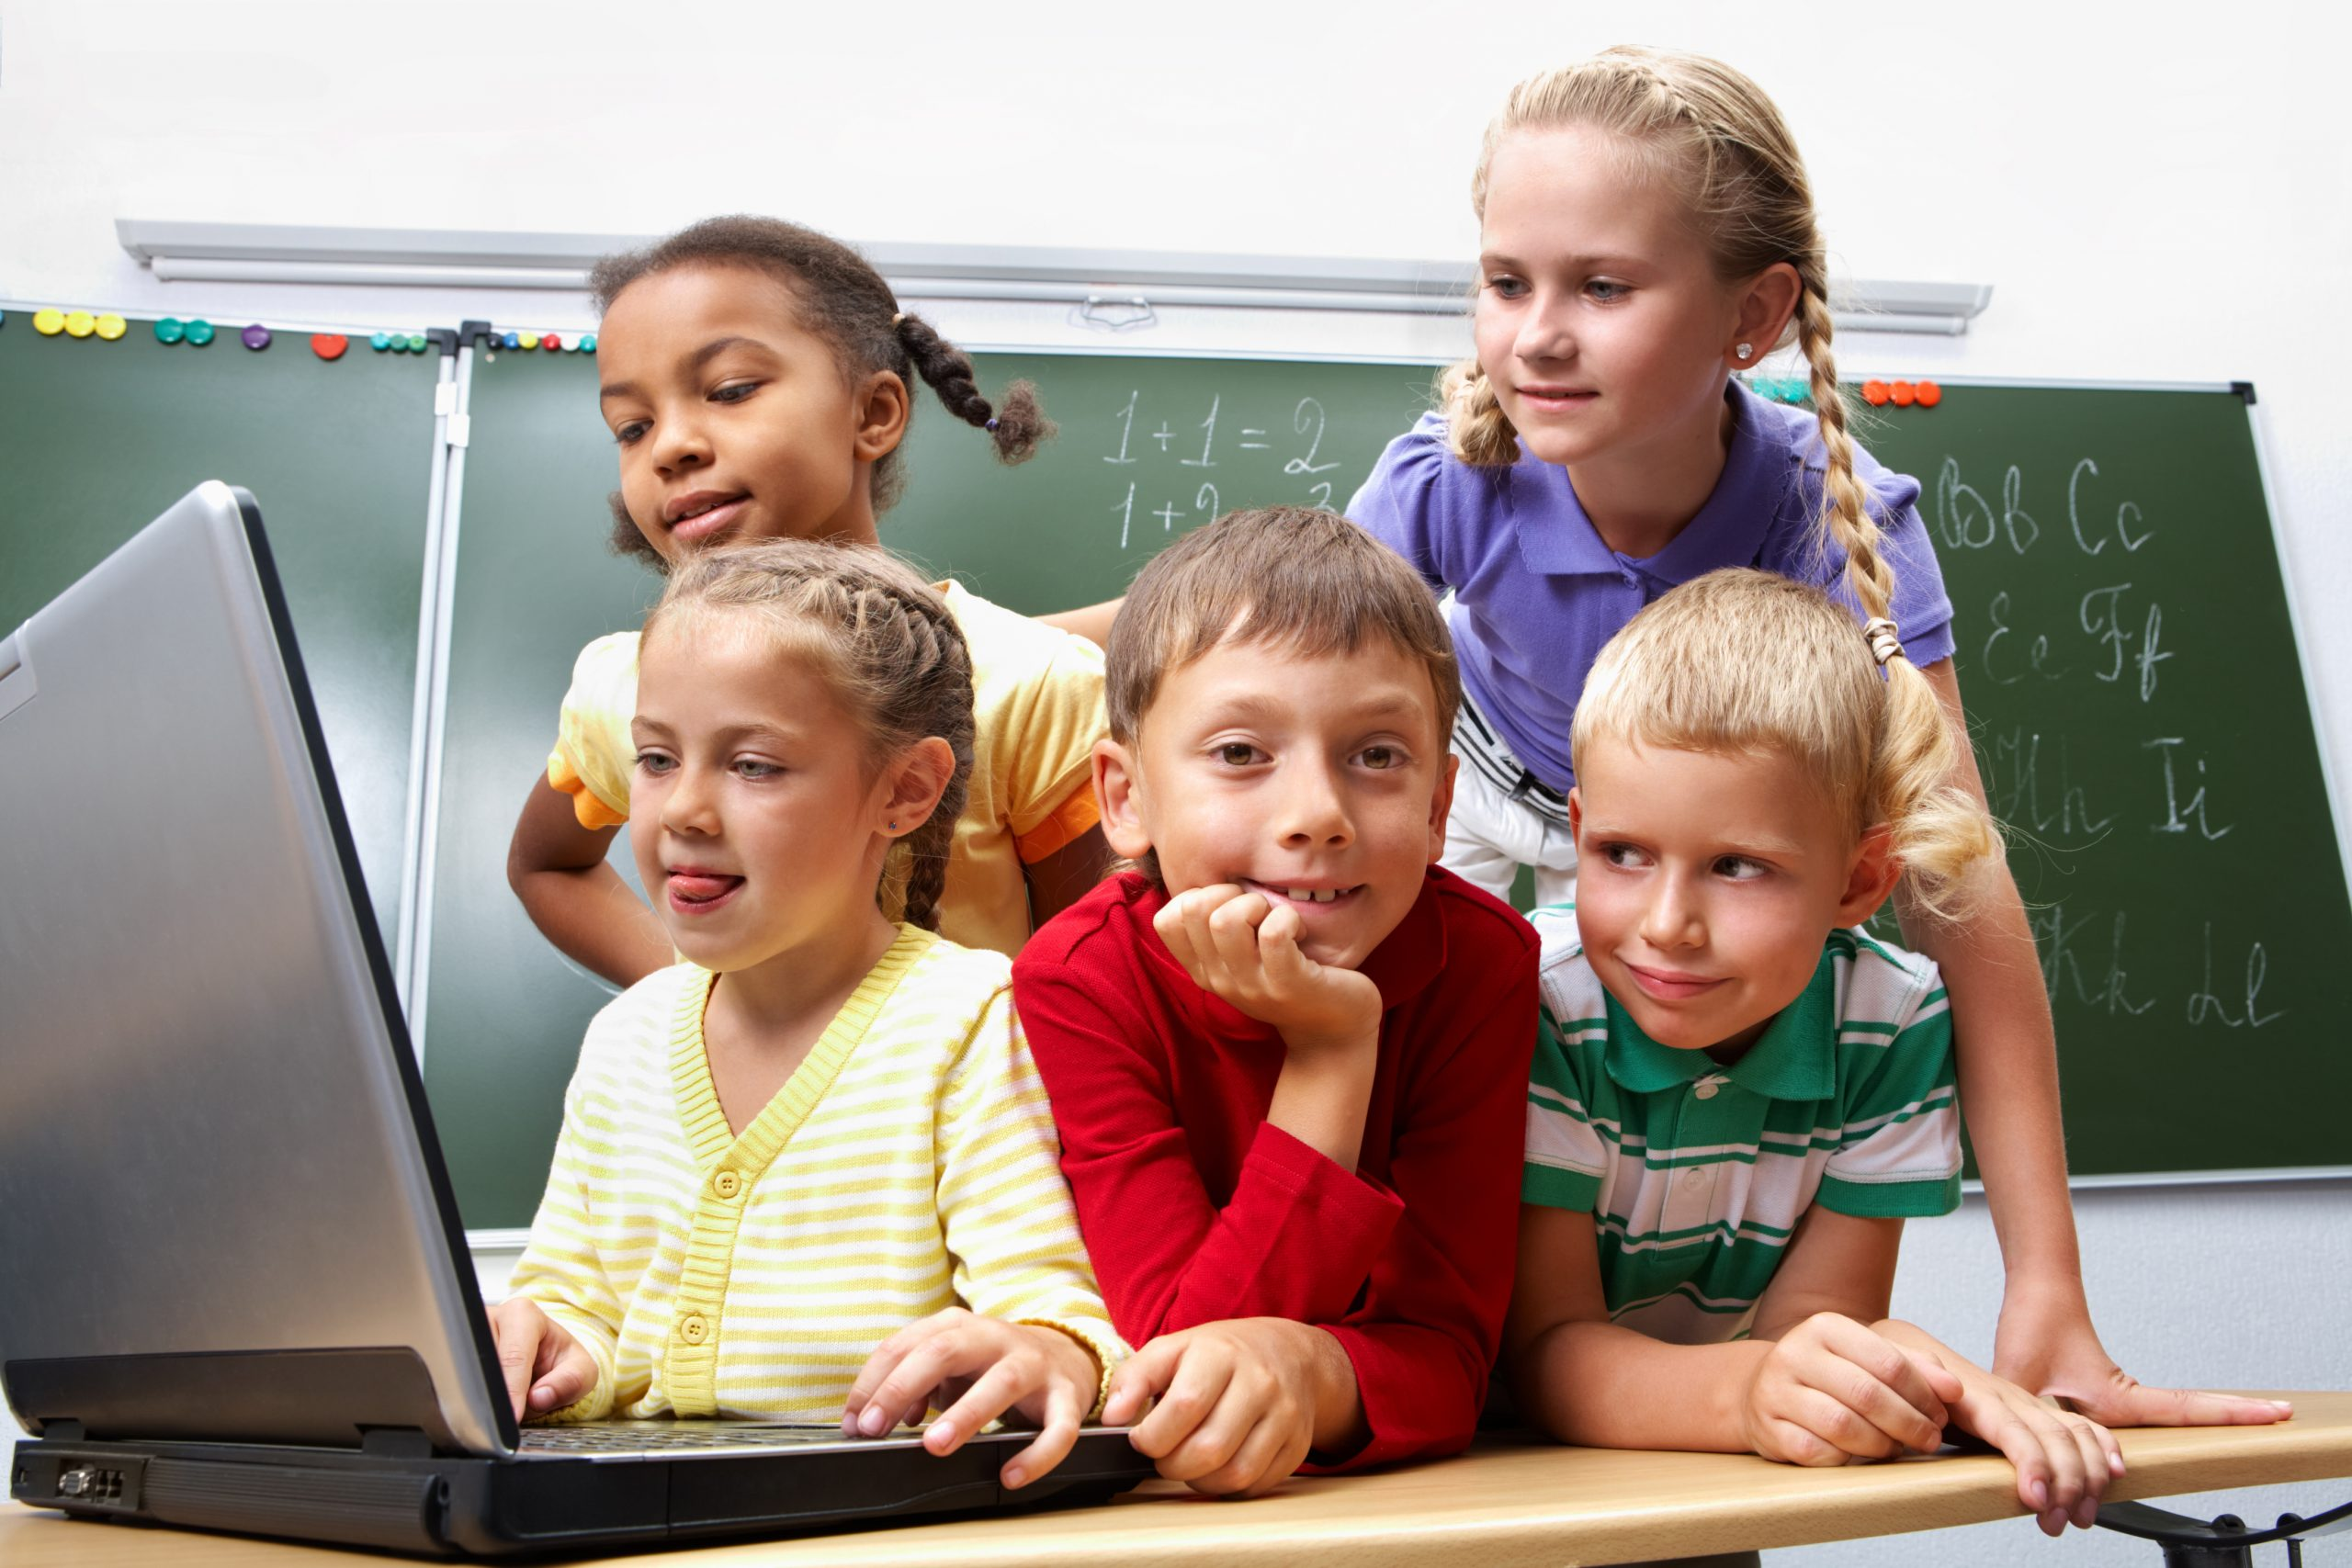 Kids Learn Programming